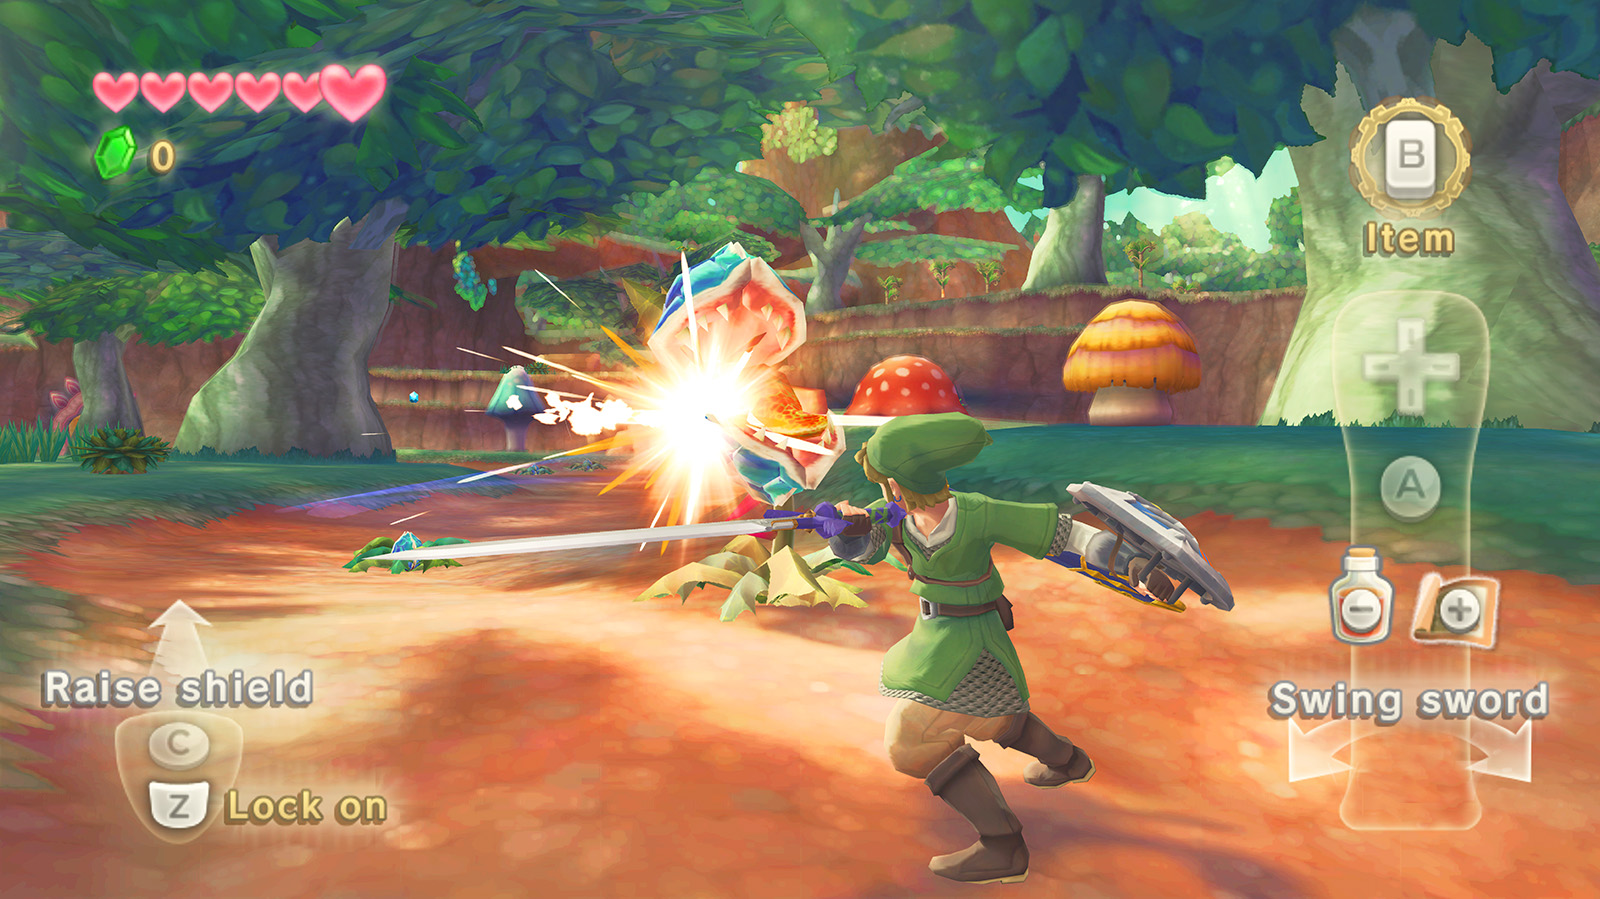 Cestou necestou na E3 2011: The Legend of Zelda 6914